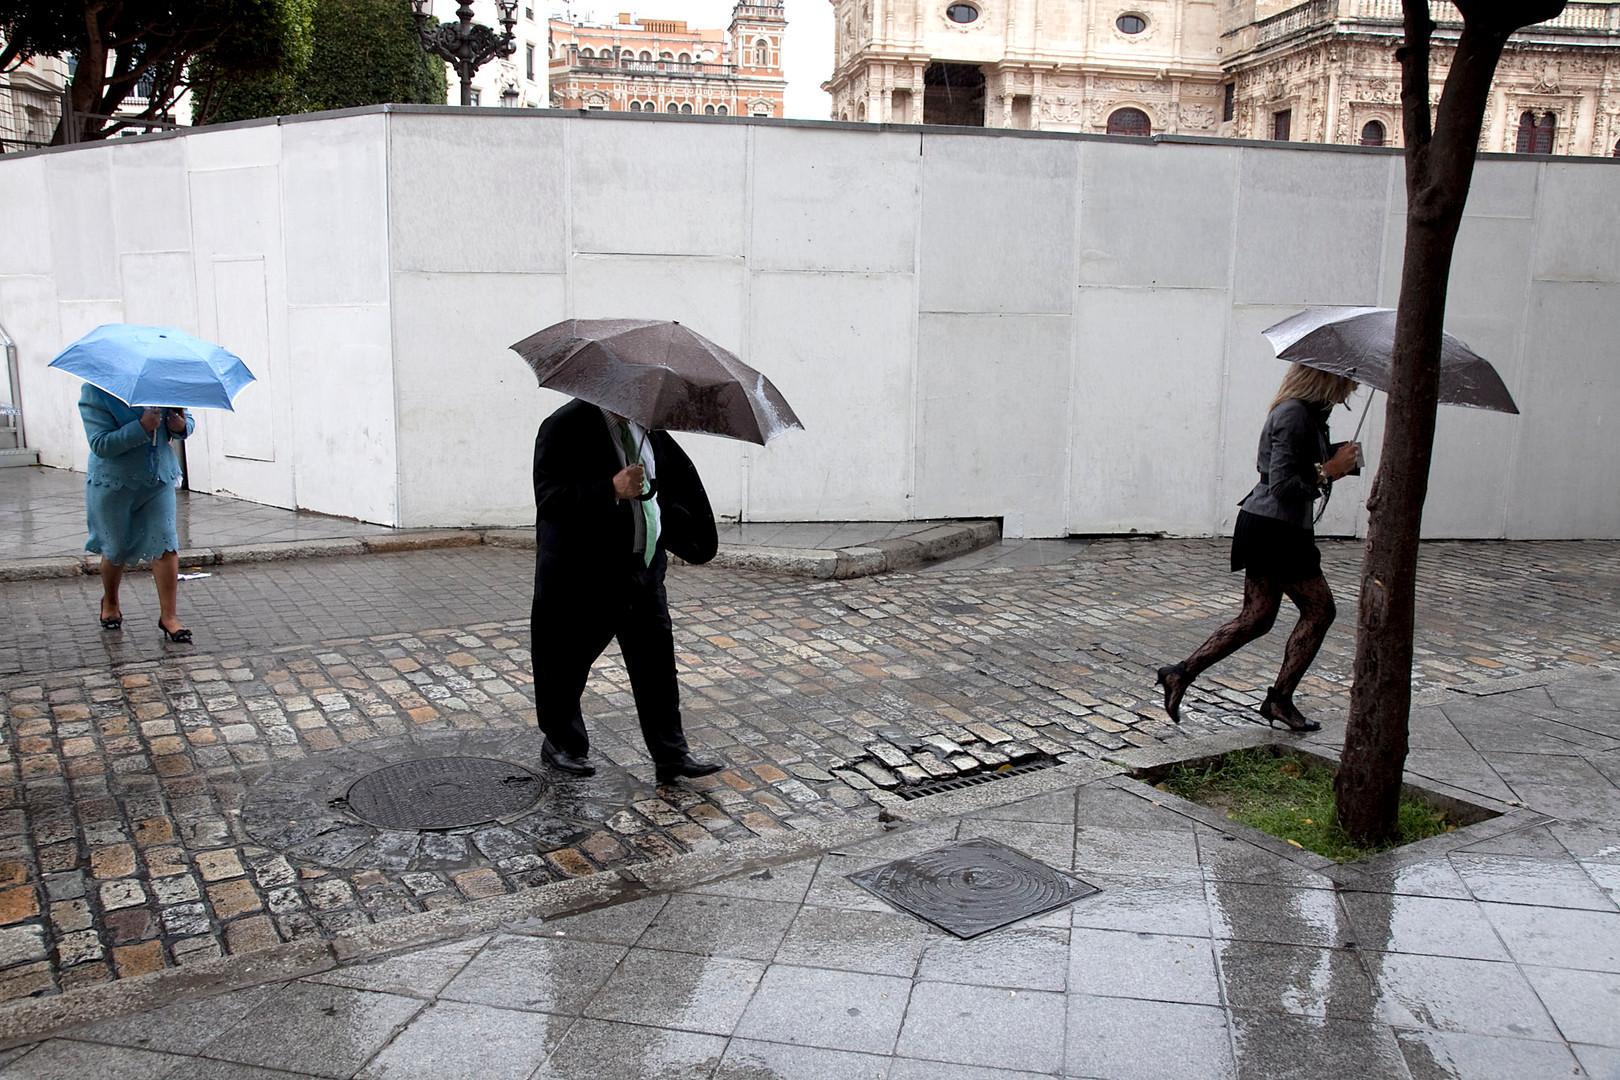 Sevilla, regnvejr